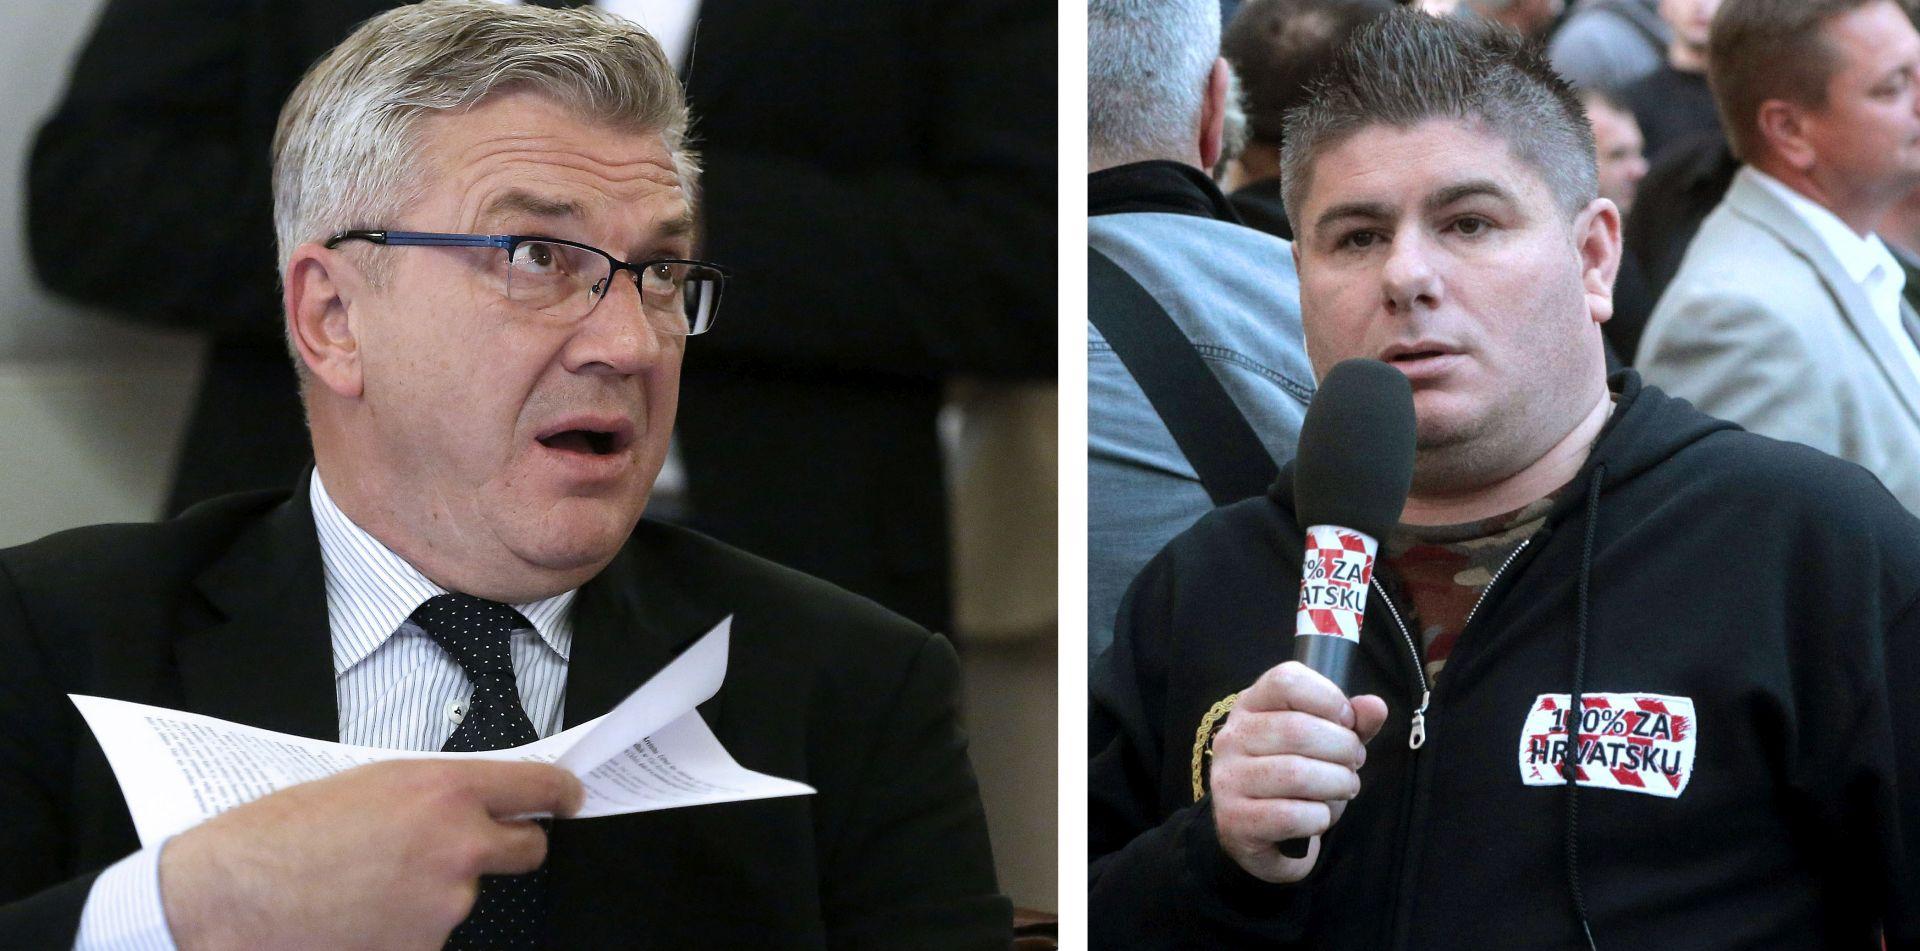 Presuda za privatnu tužbu Ranka Ostojića protiv Velimira Bujanca najavljena za 5. lipnja